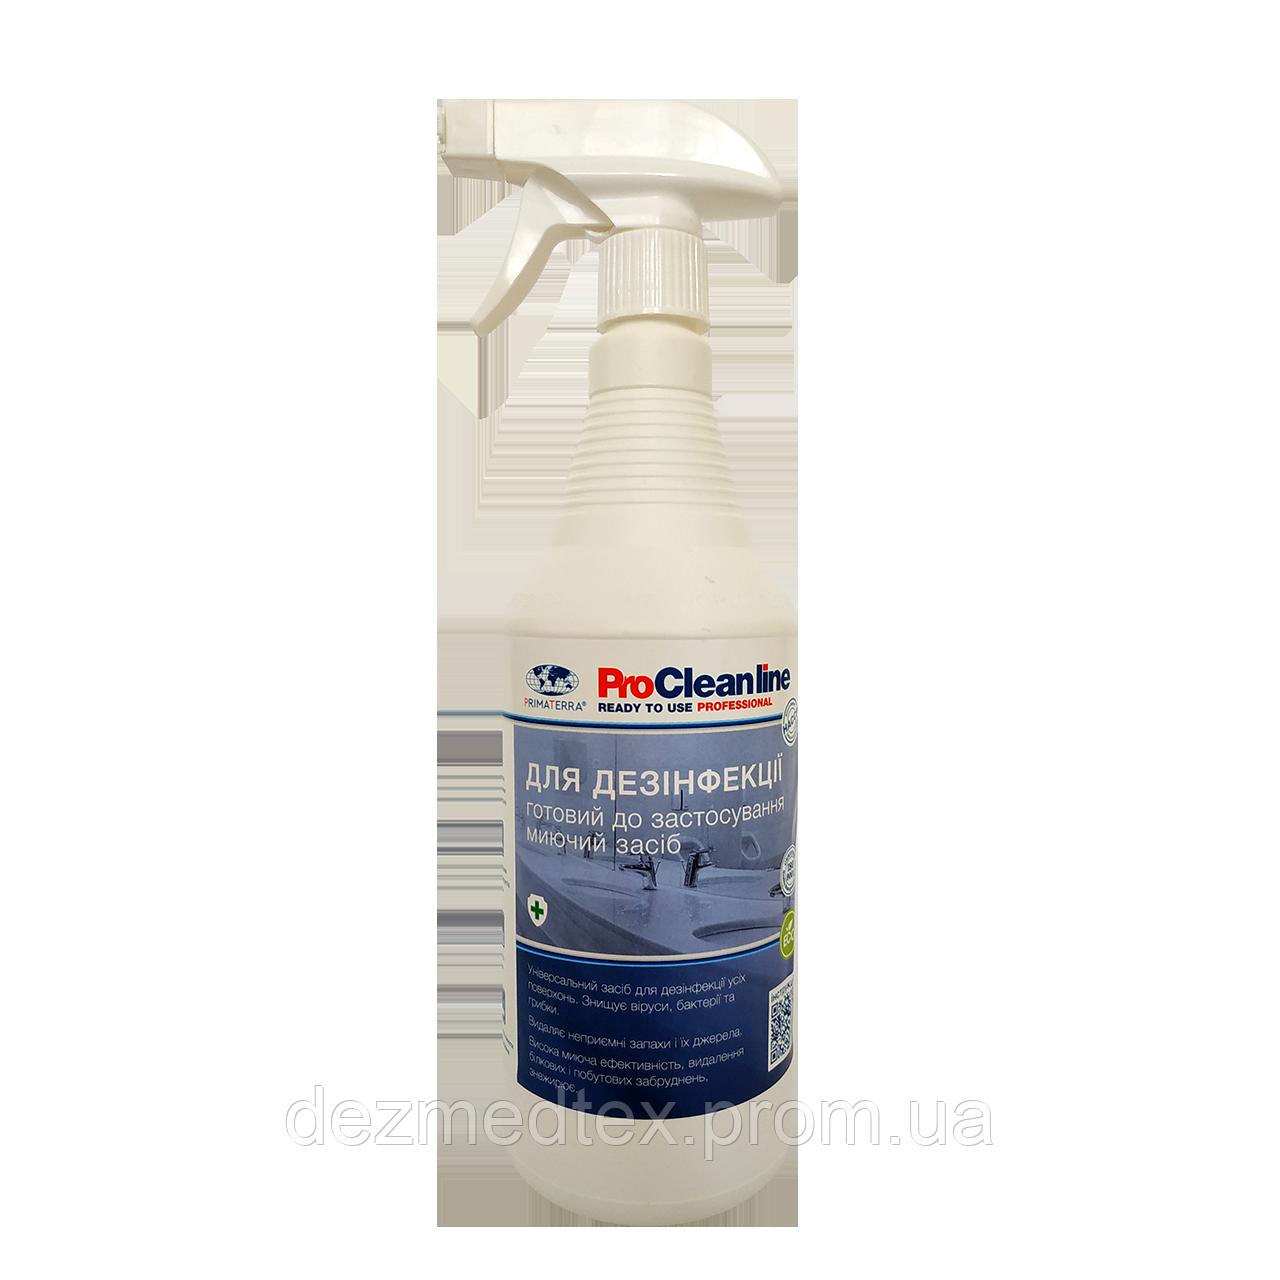 Миючий засіб з активним хлором з розпилювачем (0,96 кг)